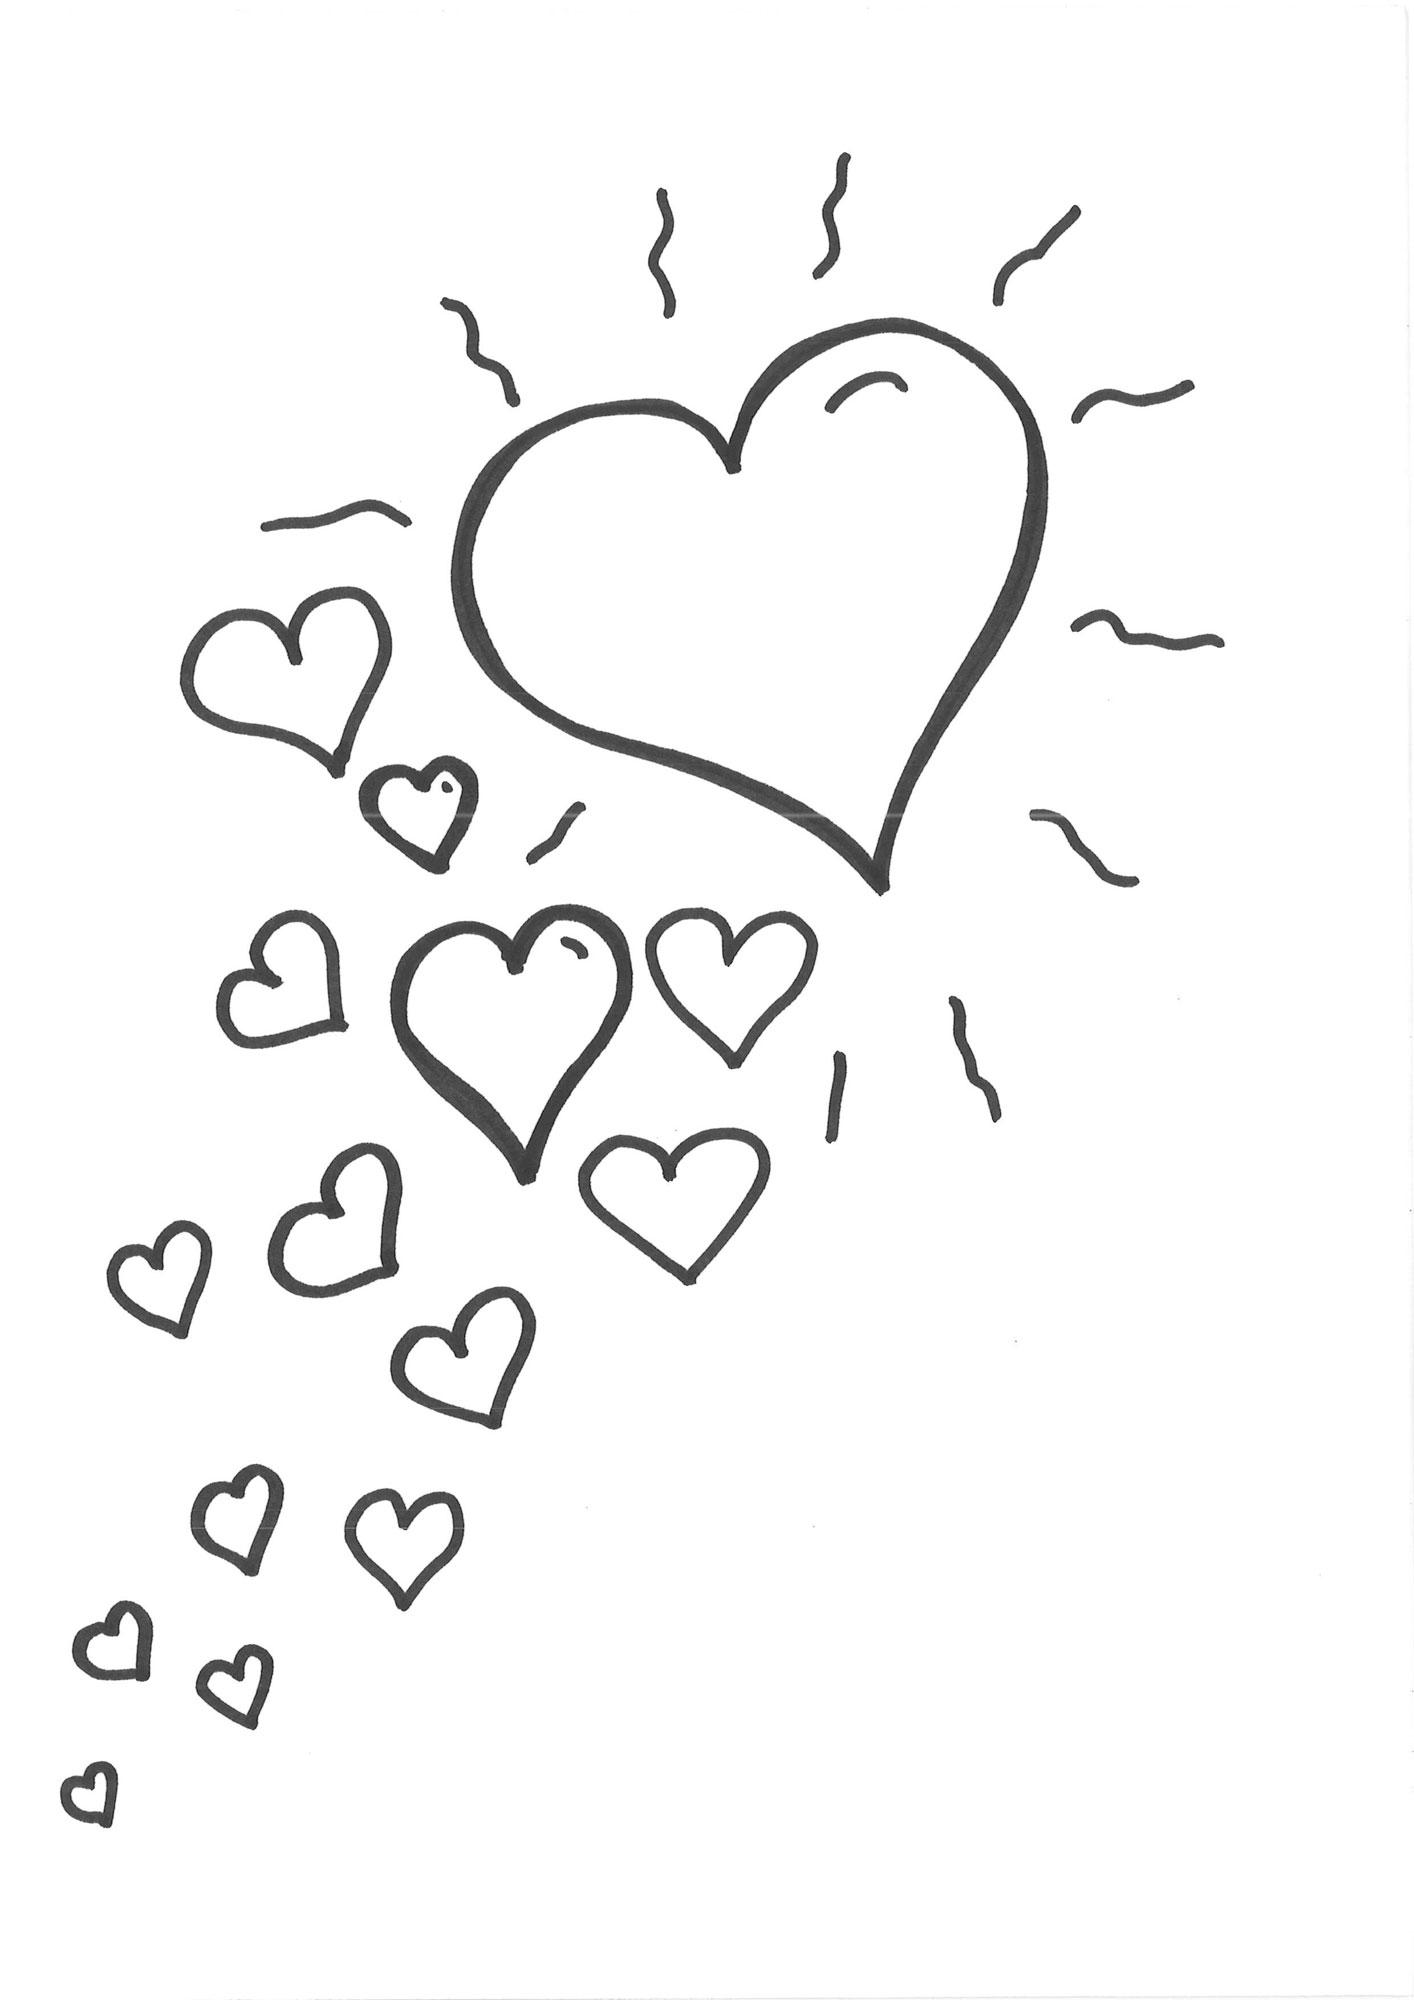 Ausmalbild Herzen Malvorlage Herzen Kostenlos Ausdrucken